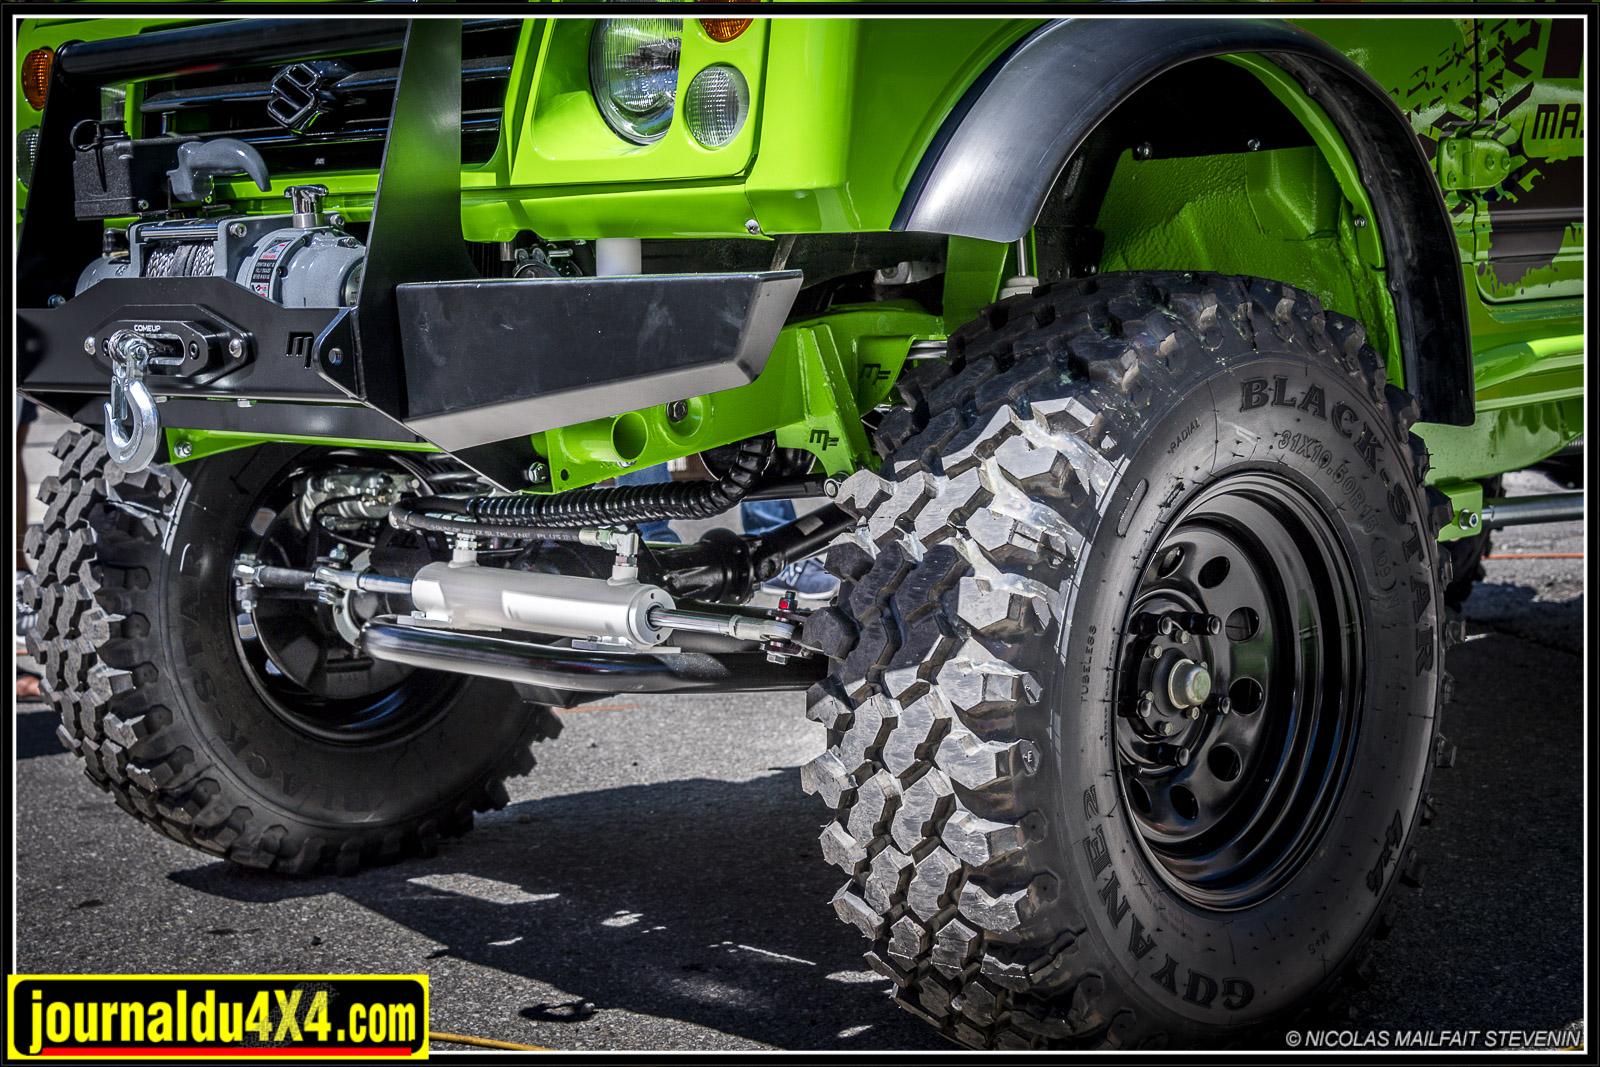 Un kit de direction hydraulique a été greffé, ainsi même avec ses gros pneus, le pick up reste confortable à manoeuvrer